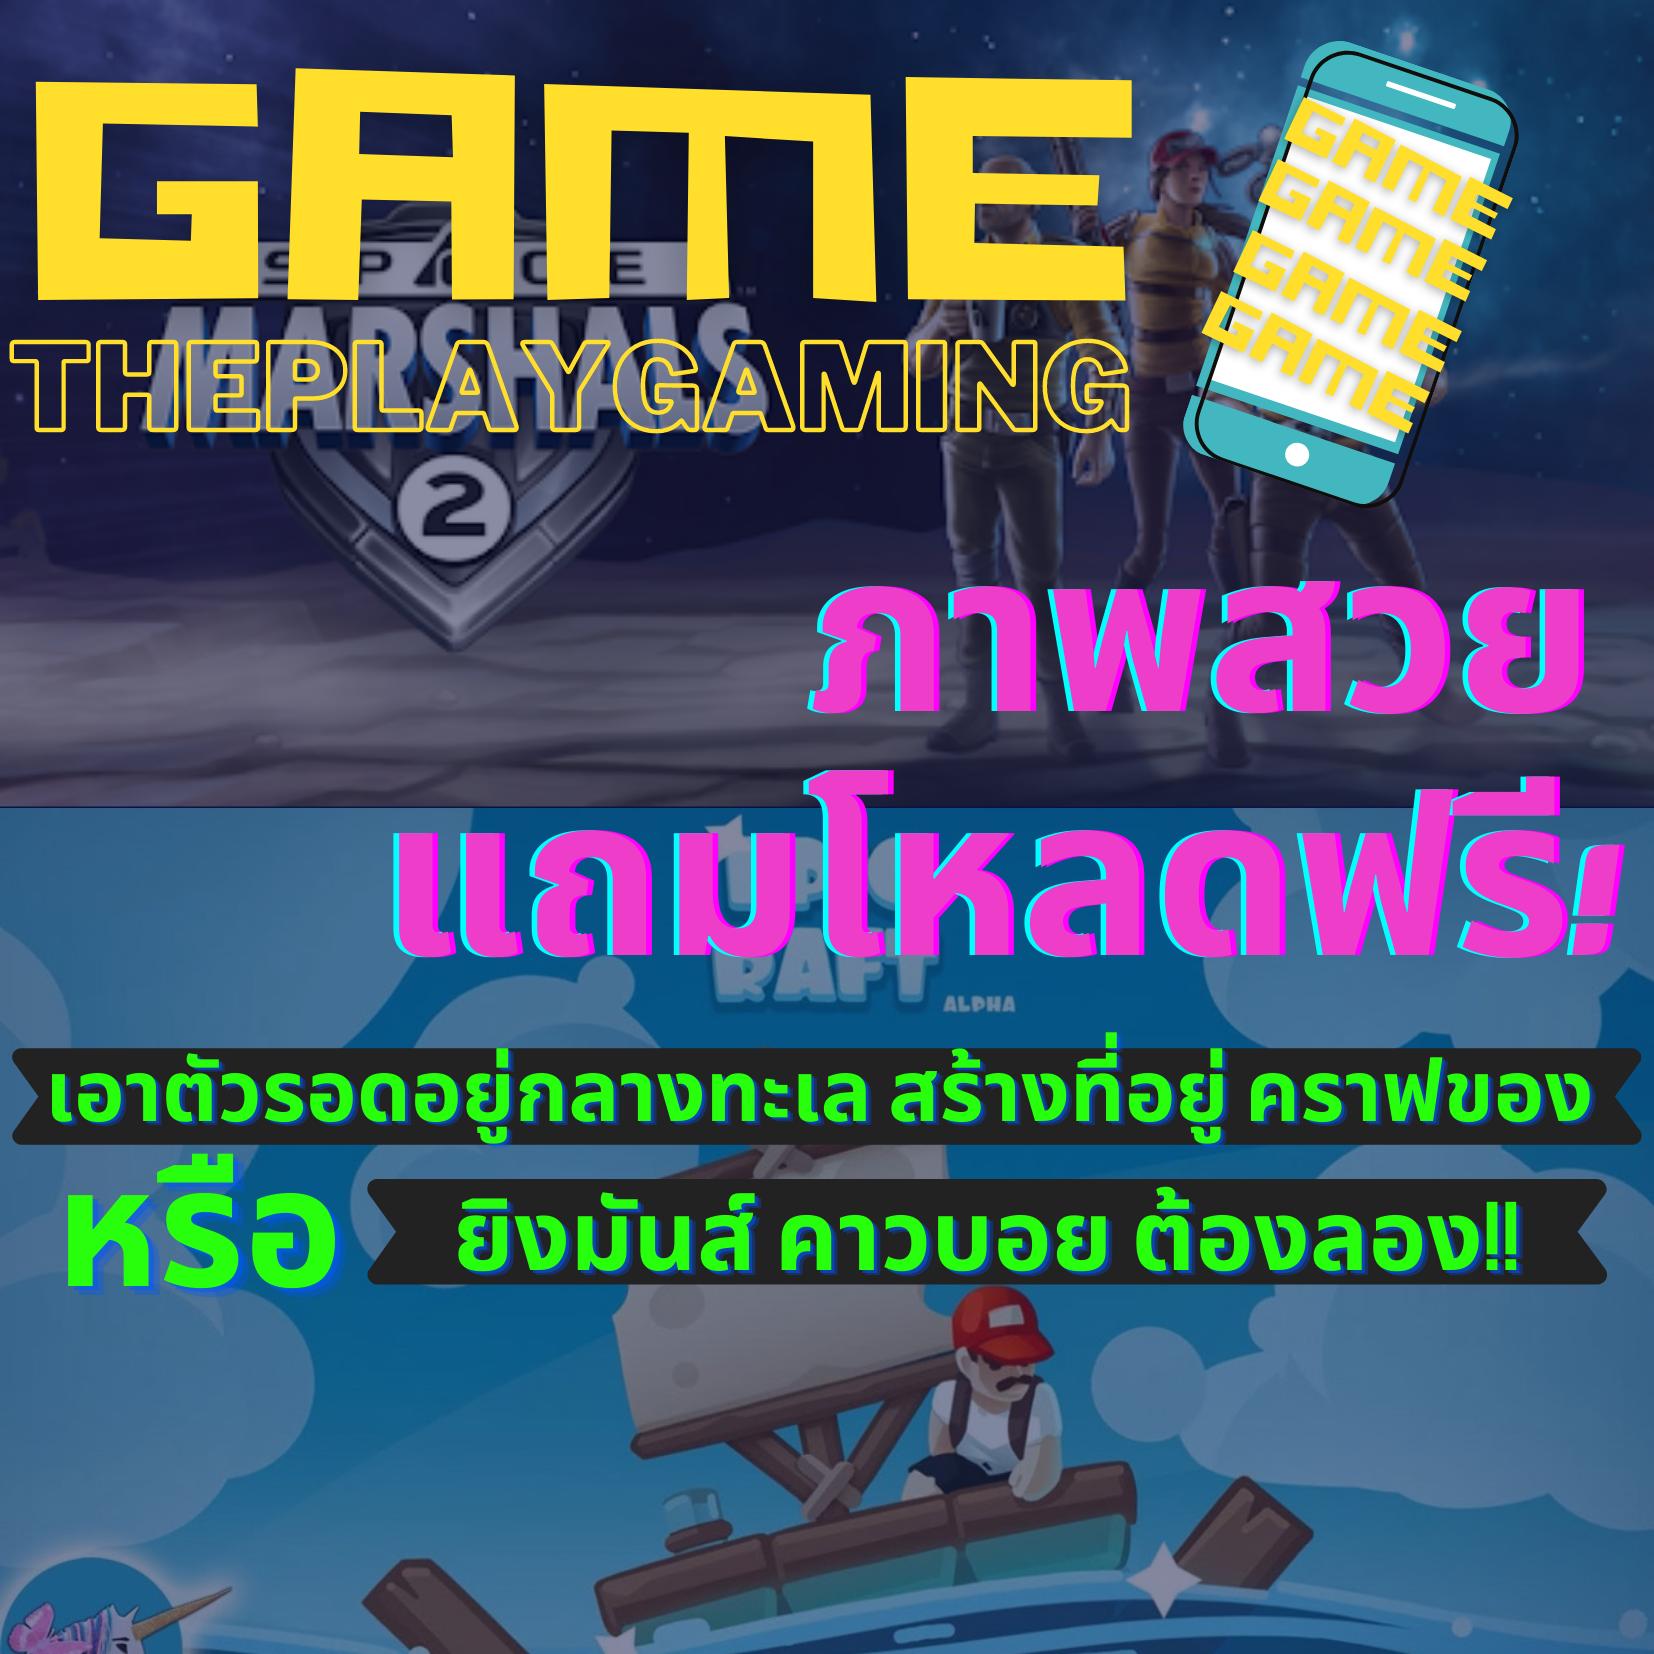 เกมมือถือแบบ (ออฟไลน์) หรือเล่นได้โดยไม่ใช้อินเทอร์เน็ตนั้น เกมมือถือ Offline ภาพสวย ทั้งแนวเกมแอ็คชั่นผจญภัย เอาชีวิตรอกจากฉลาม คราฟของ เกมมือถือออฟไลน์ภาพสวยRemove term: เกมมือถือเอาตัวรอดกลางทะเล เกมมือถือเอาตัวรอดกลางทะเลRemove term: เกมมือถือคาวบอย เกมมือถือคาวบอยRemove term: เกมมือถือภาสวย เกมมือถือภาสวยRemove term: GAME MOBILE OFFLINE GAME MOBILE OFFLINERemove term: GAME MOBILE SHOOTING ยิงกัน GAME MOBILE SHOOTING ยิงกันRemove term: game mobile survival game mobile survivalRemove term: game mobile survival sea game mobile survival seaRemove term: Epic Raft: Fighting Zombie Shark Survival Epic Raft: Fighting Zombie Shark SurvivalRemove term: Space Marshals 2 Space Marshals 2Remove term: PHOBOS 2089 PHOBOS 2089